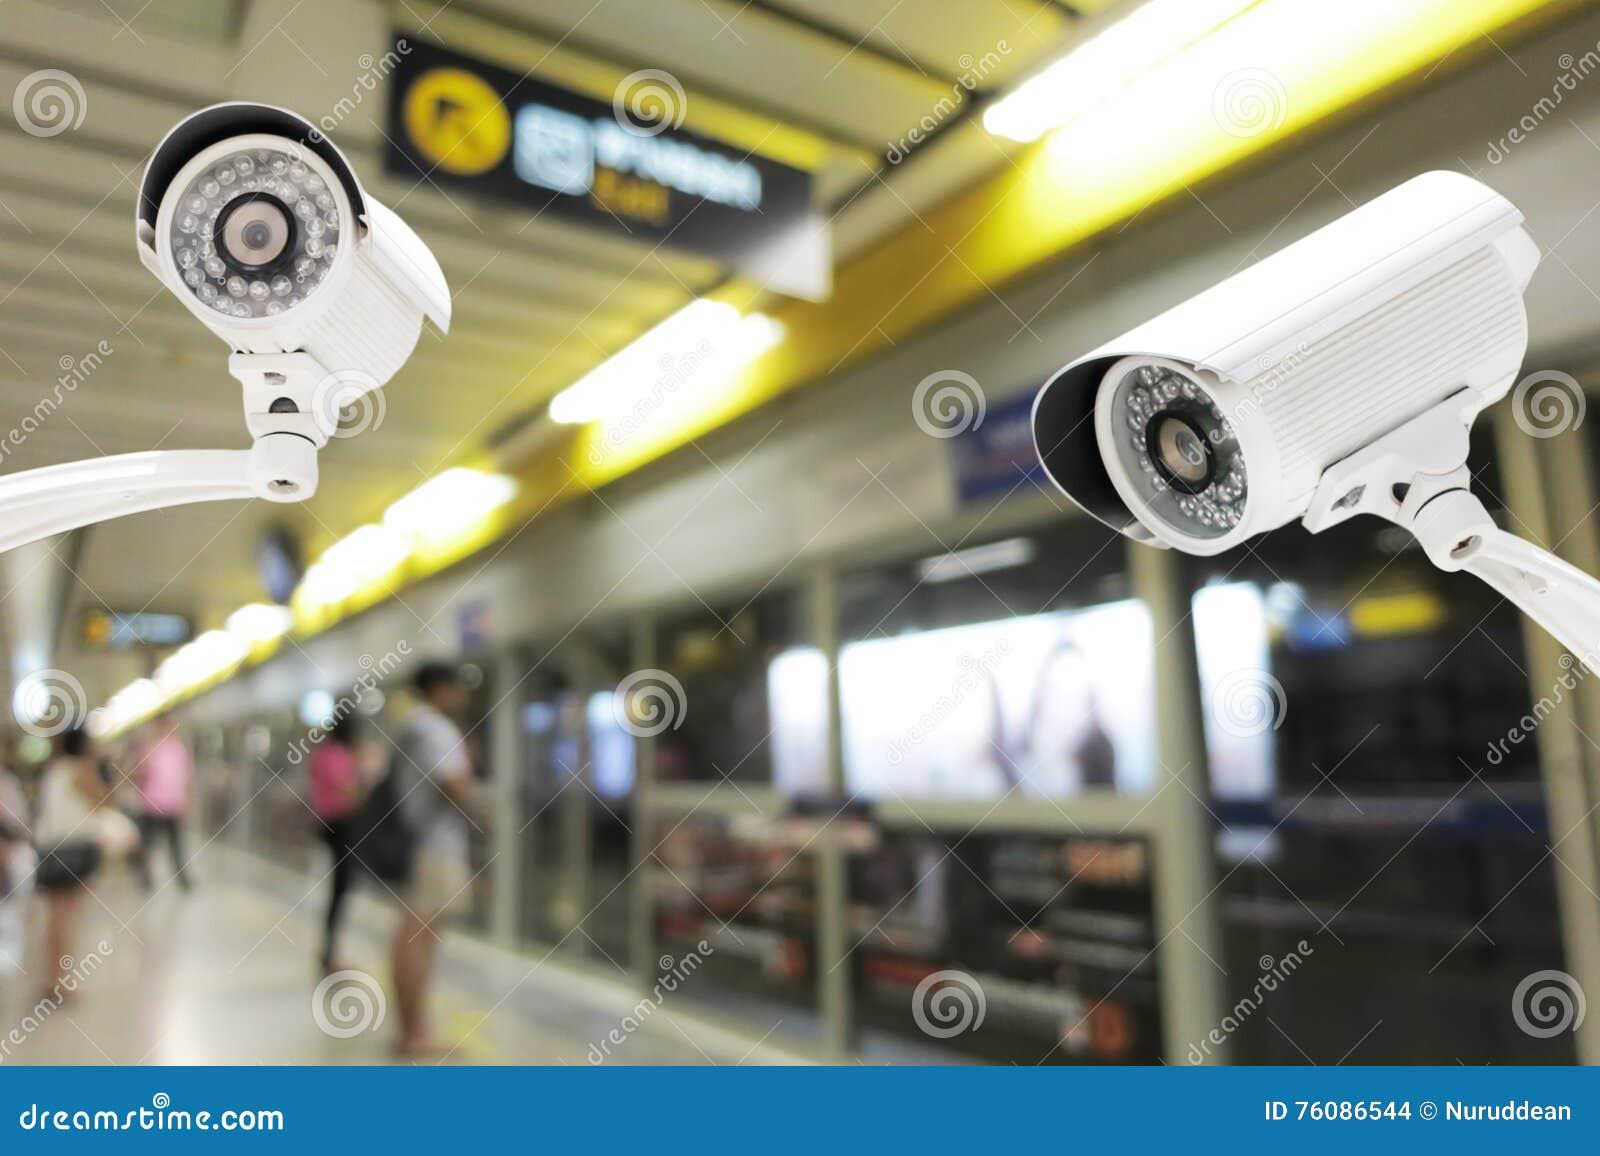 Sécurité d appareil-photo de télévision en circuit fermé fonctionnant sur la plate-forme de station de métro